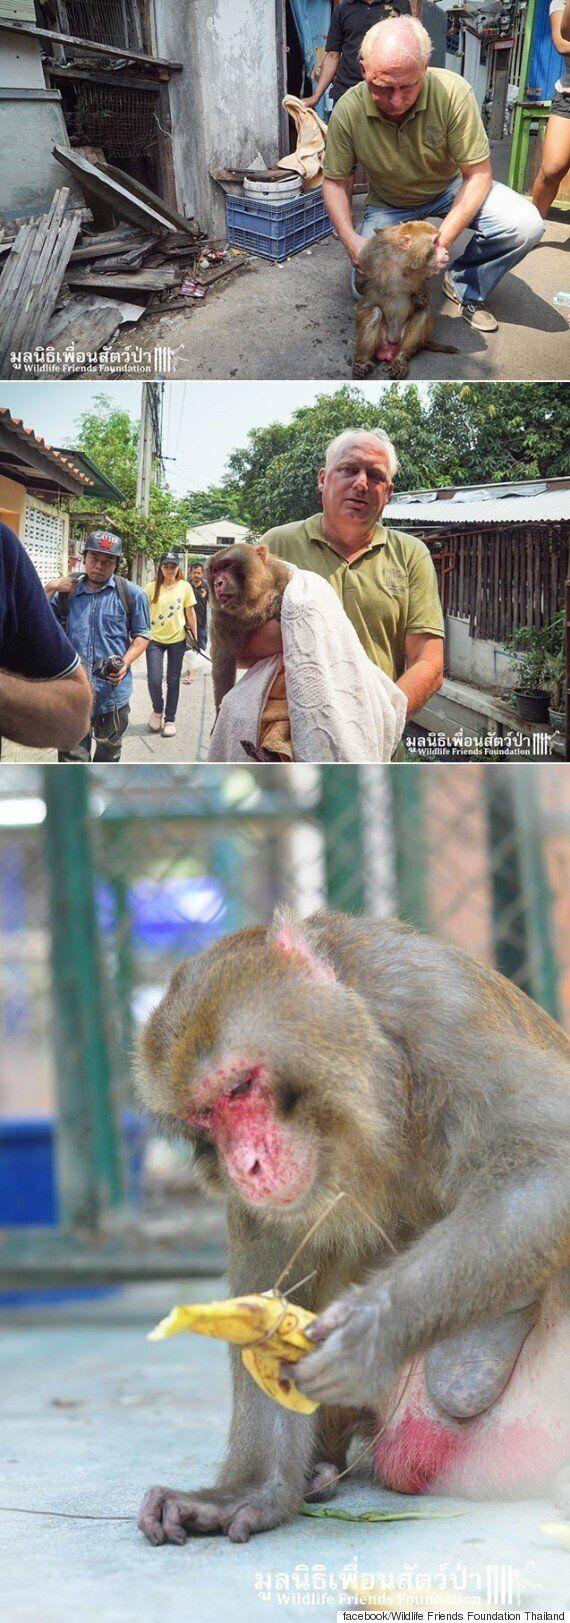 25년 동안 건물 사이 틈에 갇혀 살던 원숭이가